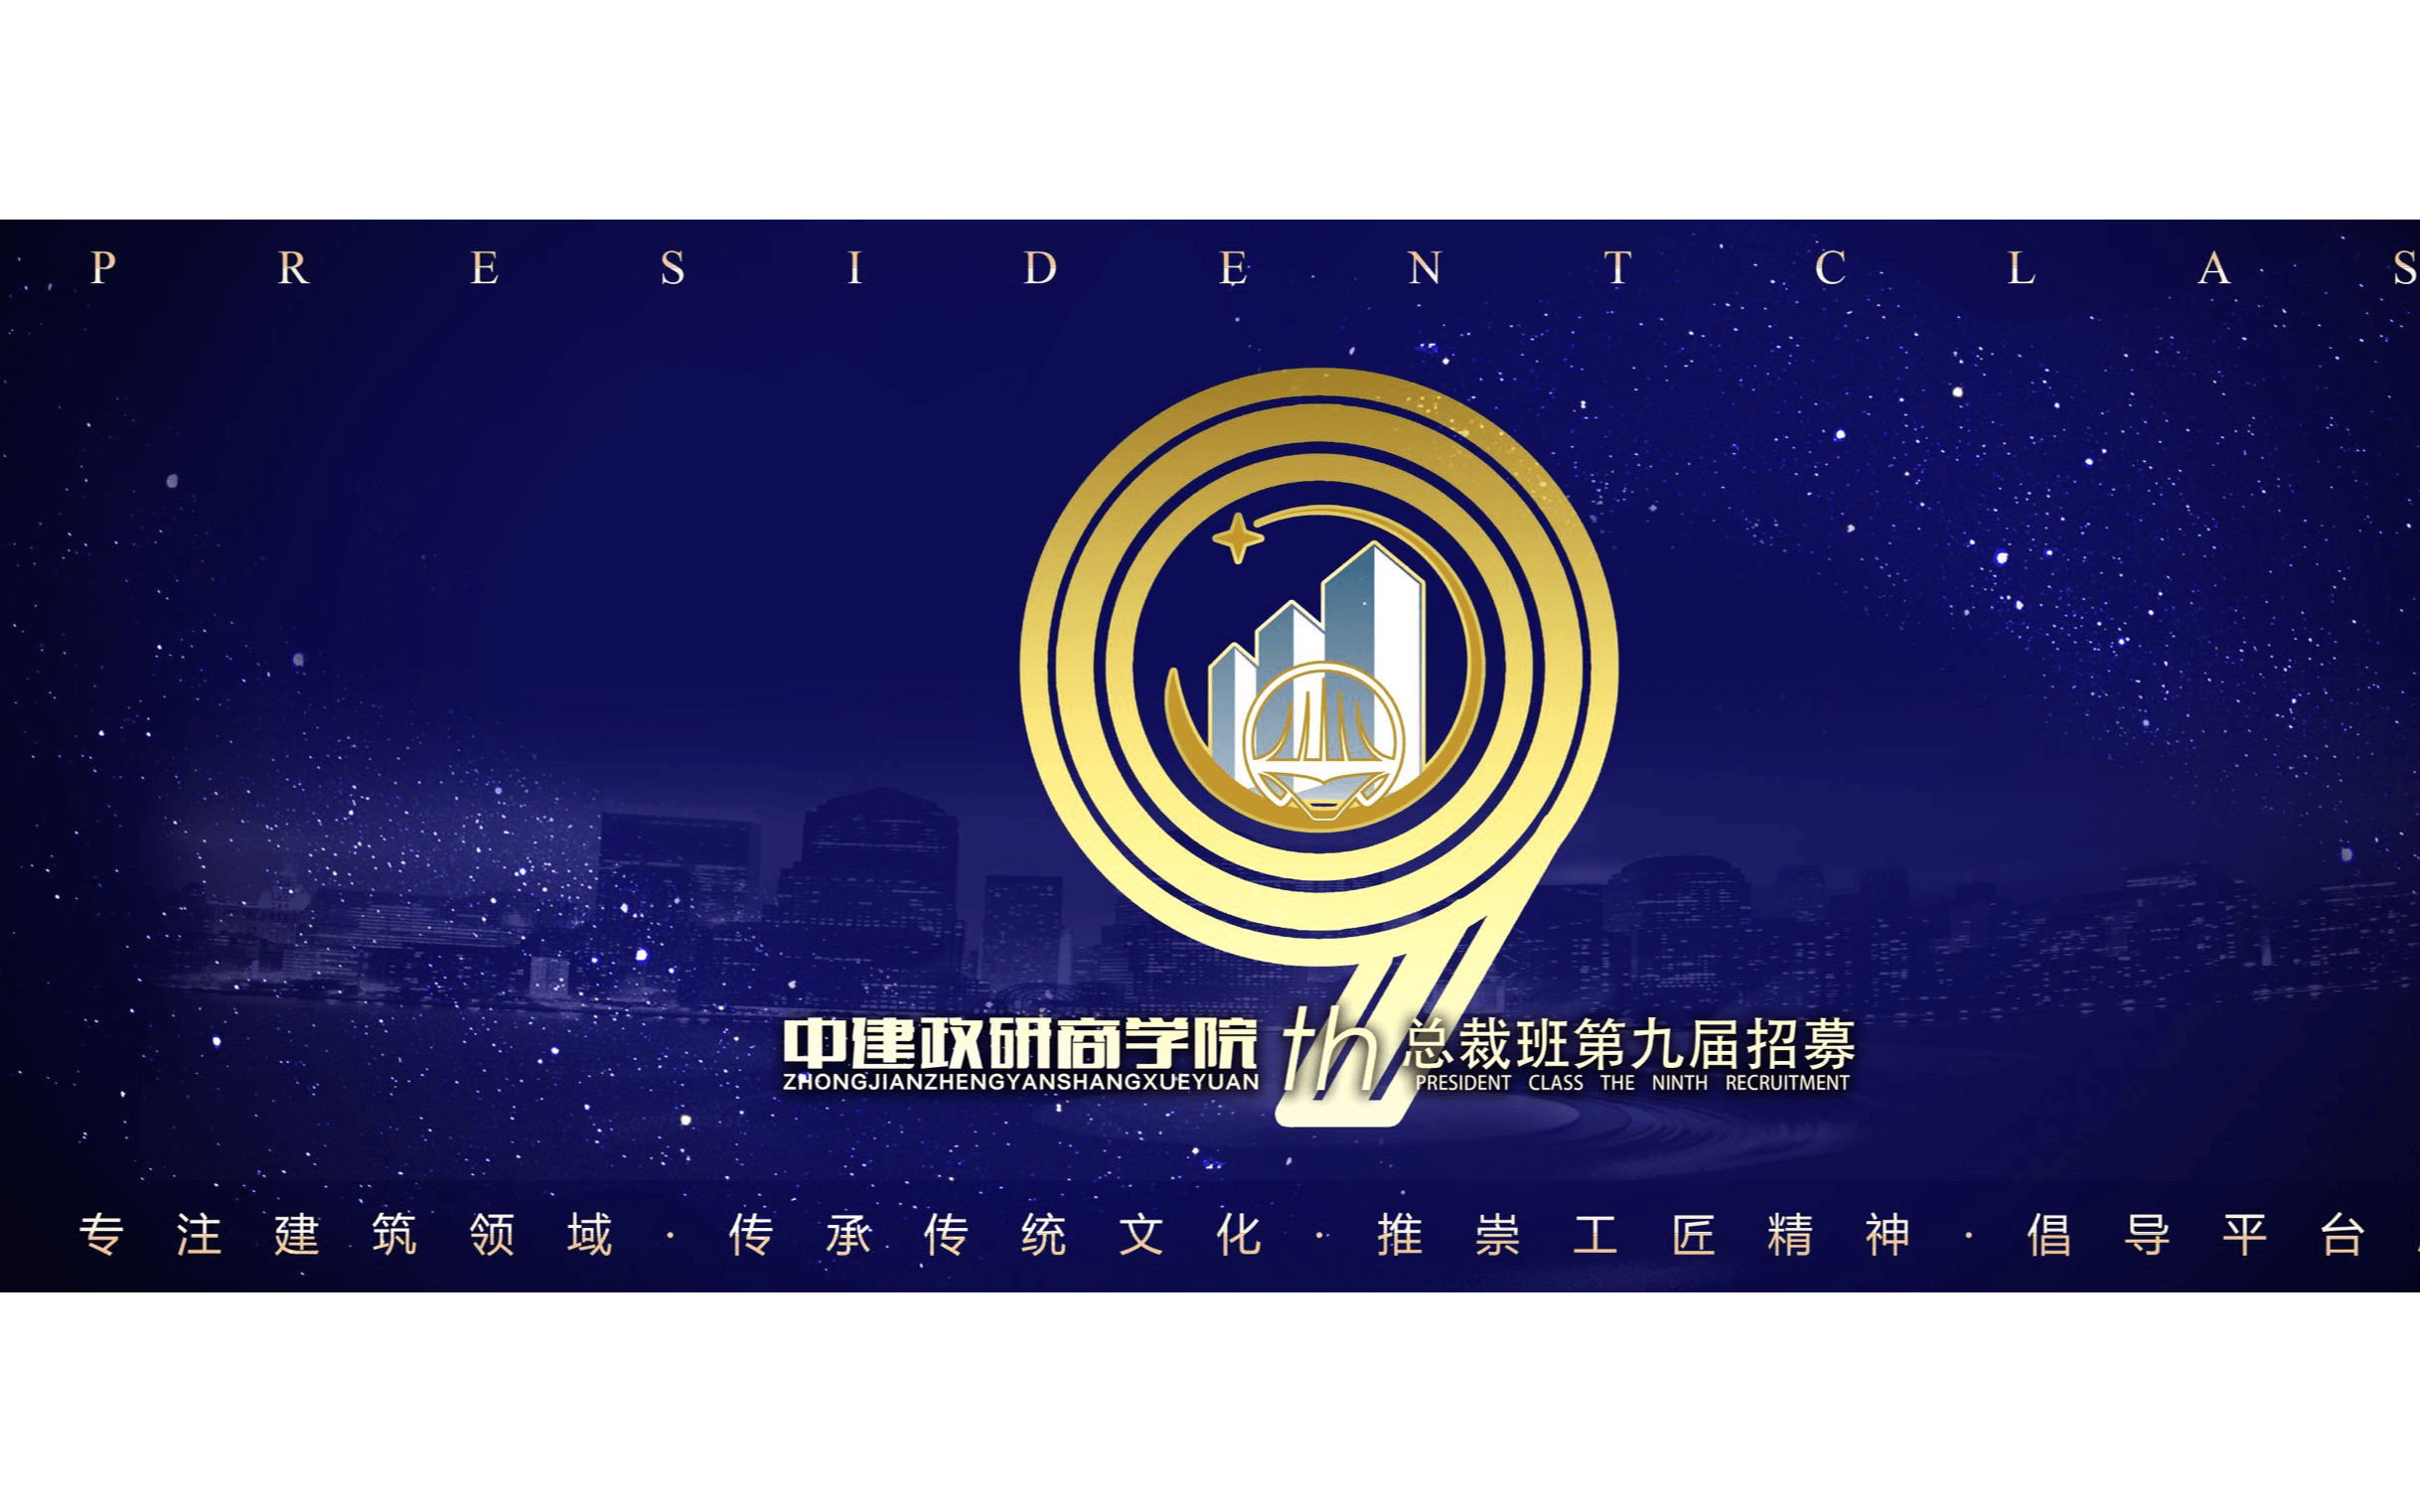 2020中建政研商學院總裁班第九屆招募